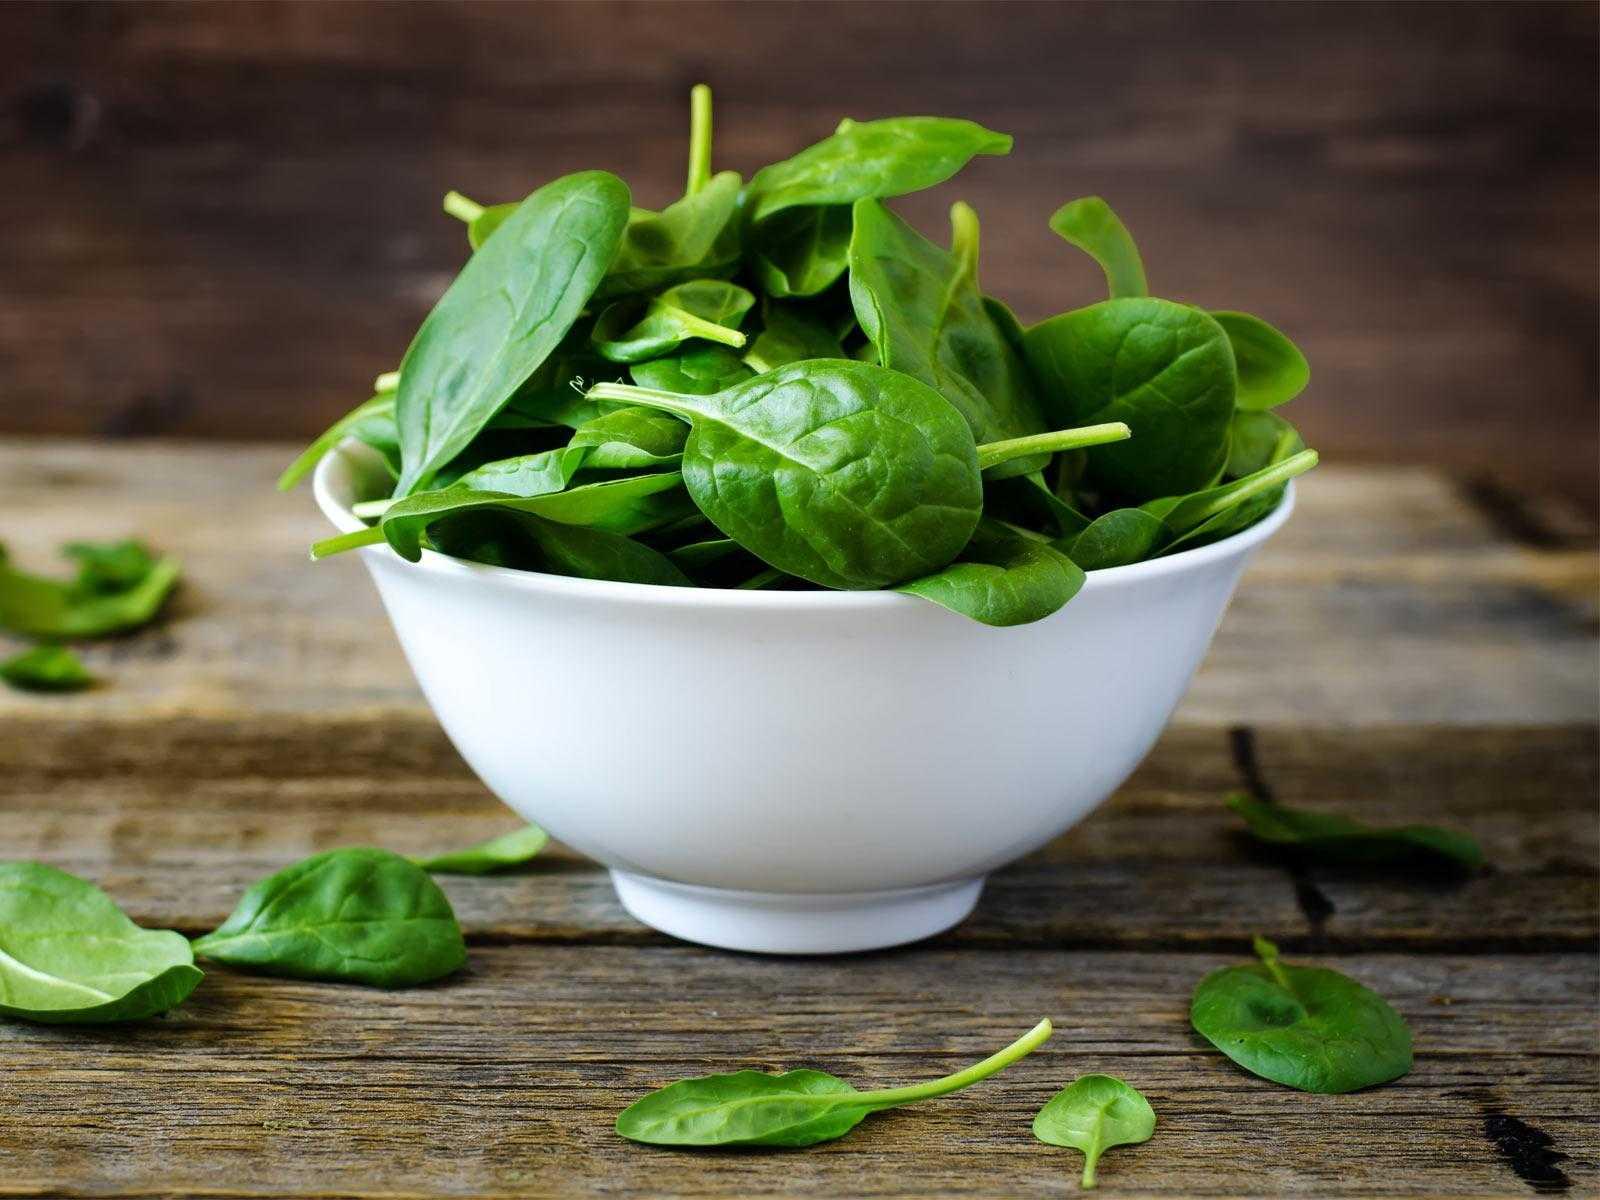 Какой на вкус шпинат? польза шпината, состав витаминов и микроэлементов - sadovnikam.ru